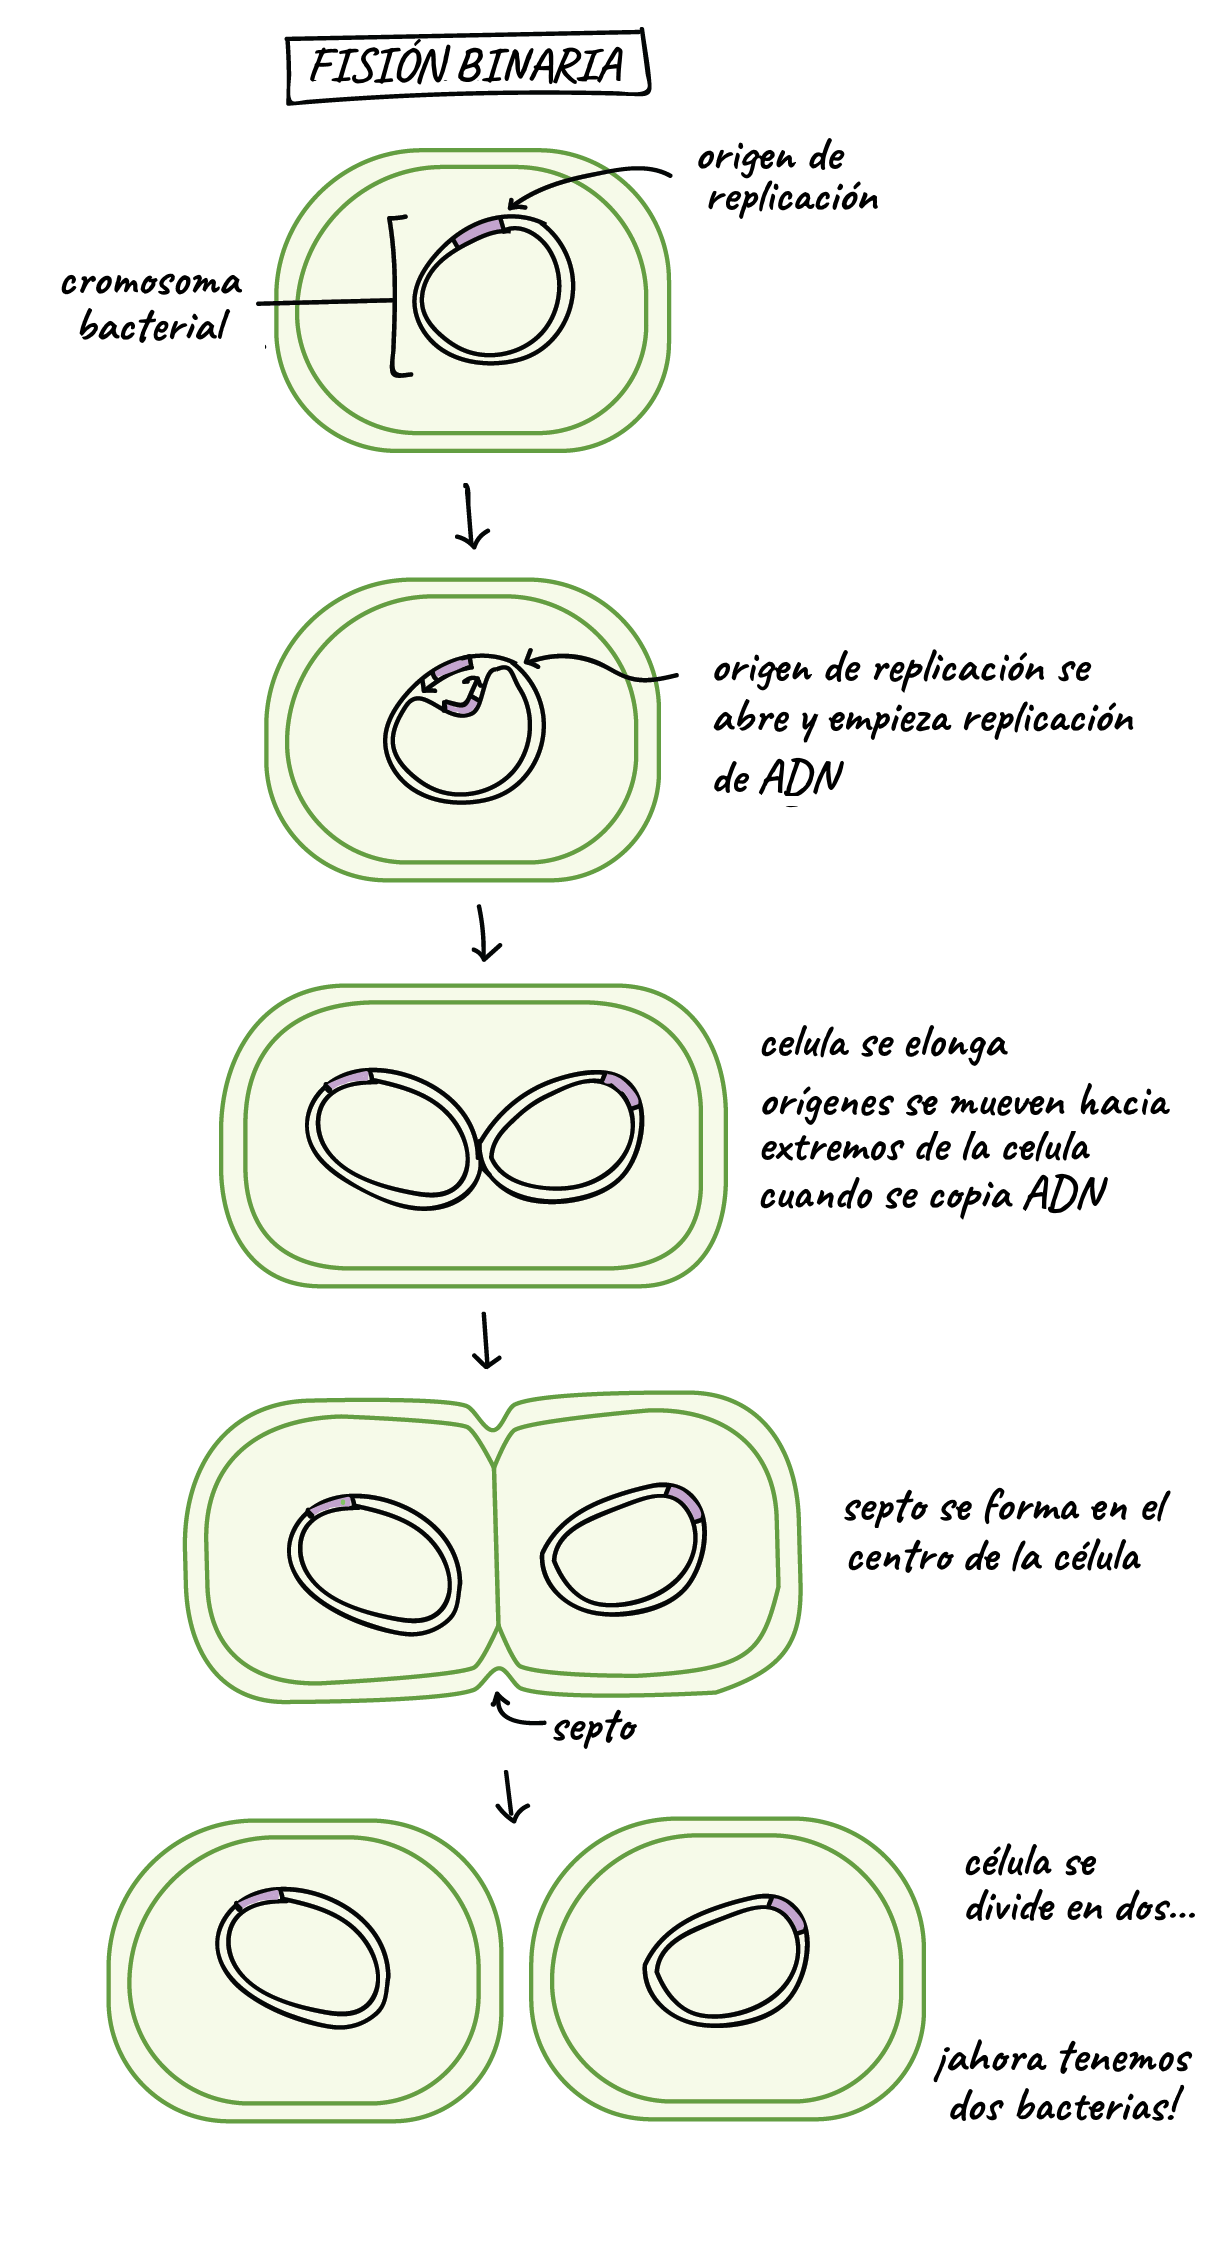 las bacterias pueden realizar mitosis